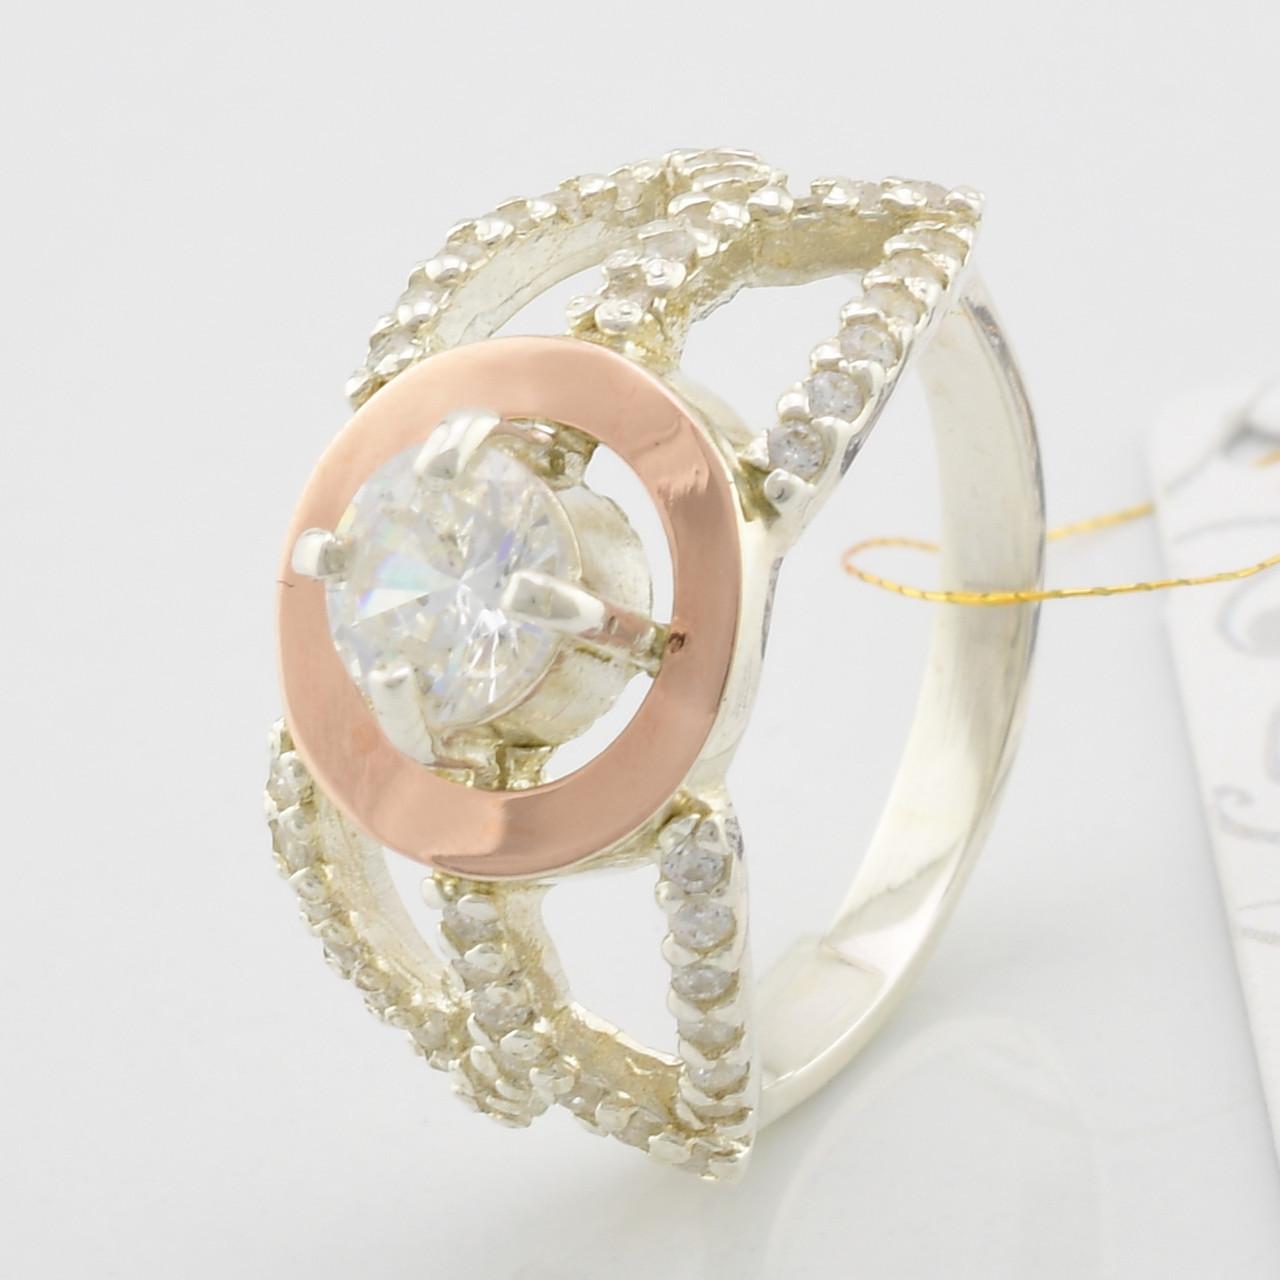 """Серебряное кольцо с золотыми пластинами """"Даяна"""", вставка белые фианиты, вес 4.9 г, размер 18"""